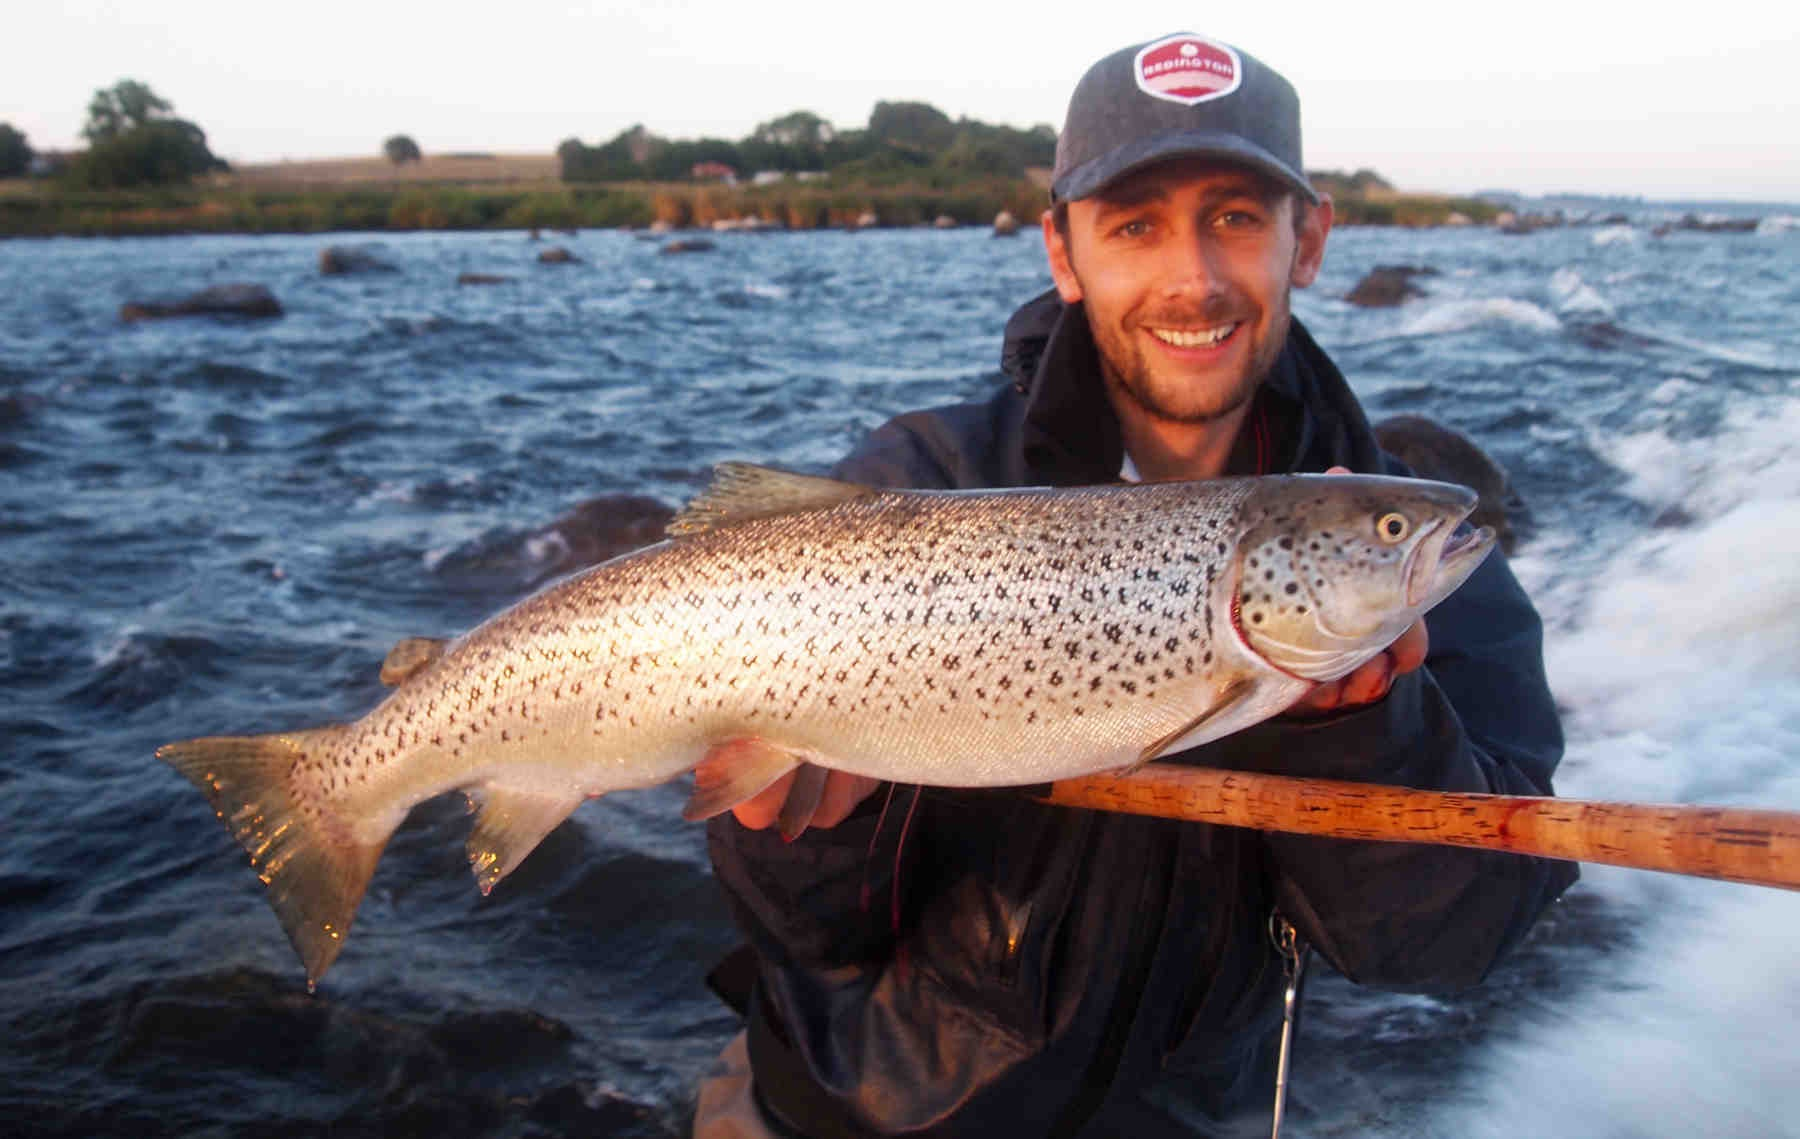 Hvert efterår blusser debatten om hjemtagning af farvede fisk op. Det gjaldt også denne fisk som David Thormar fangede d. 7. sep.